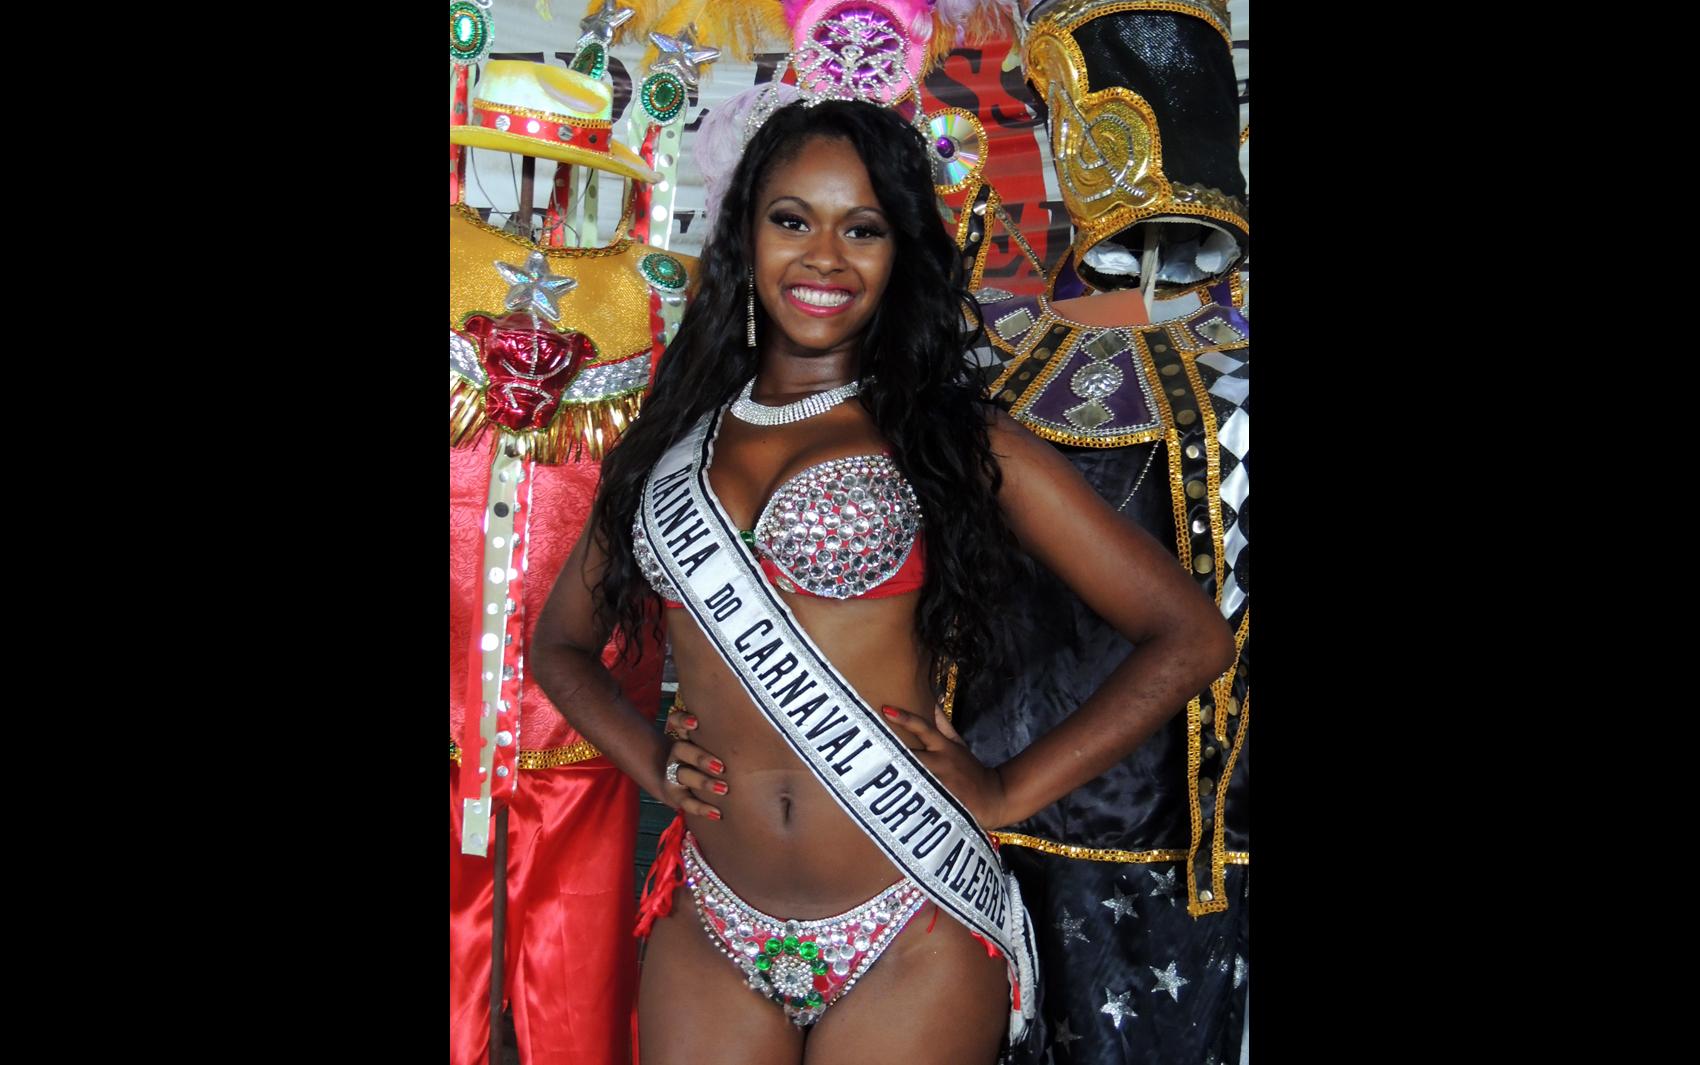 brennda martins, rainha do carnaval de porto alegre 2014. Hv8wqshs